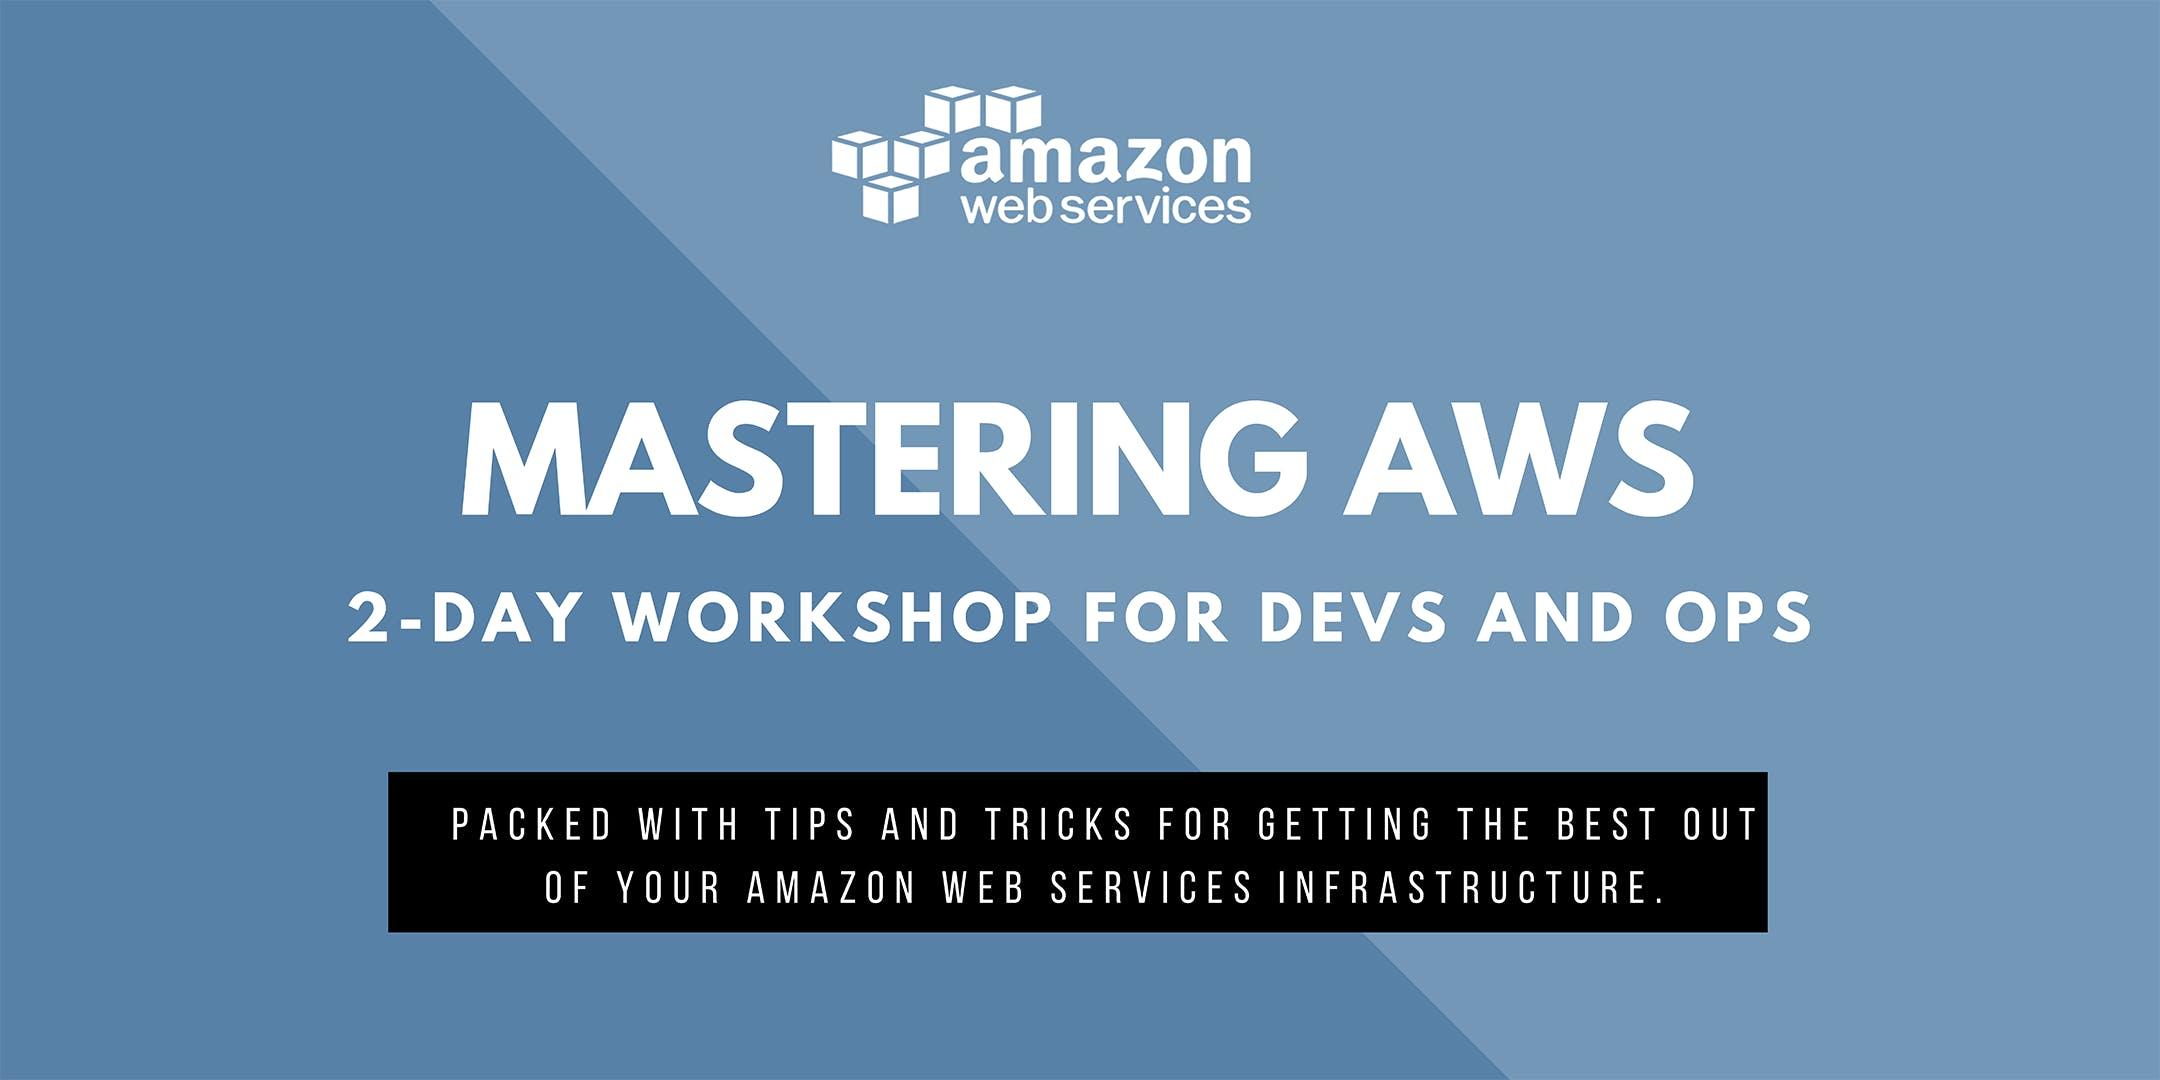 TOP Mastering Amazon Web Services (Berlin)